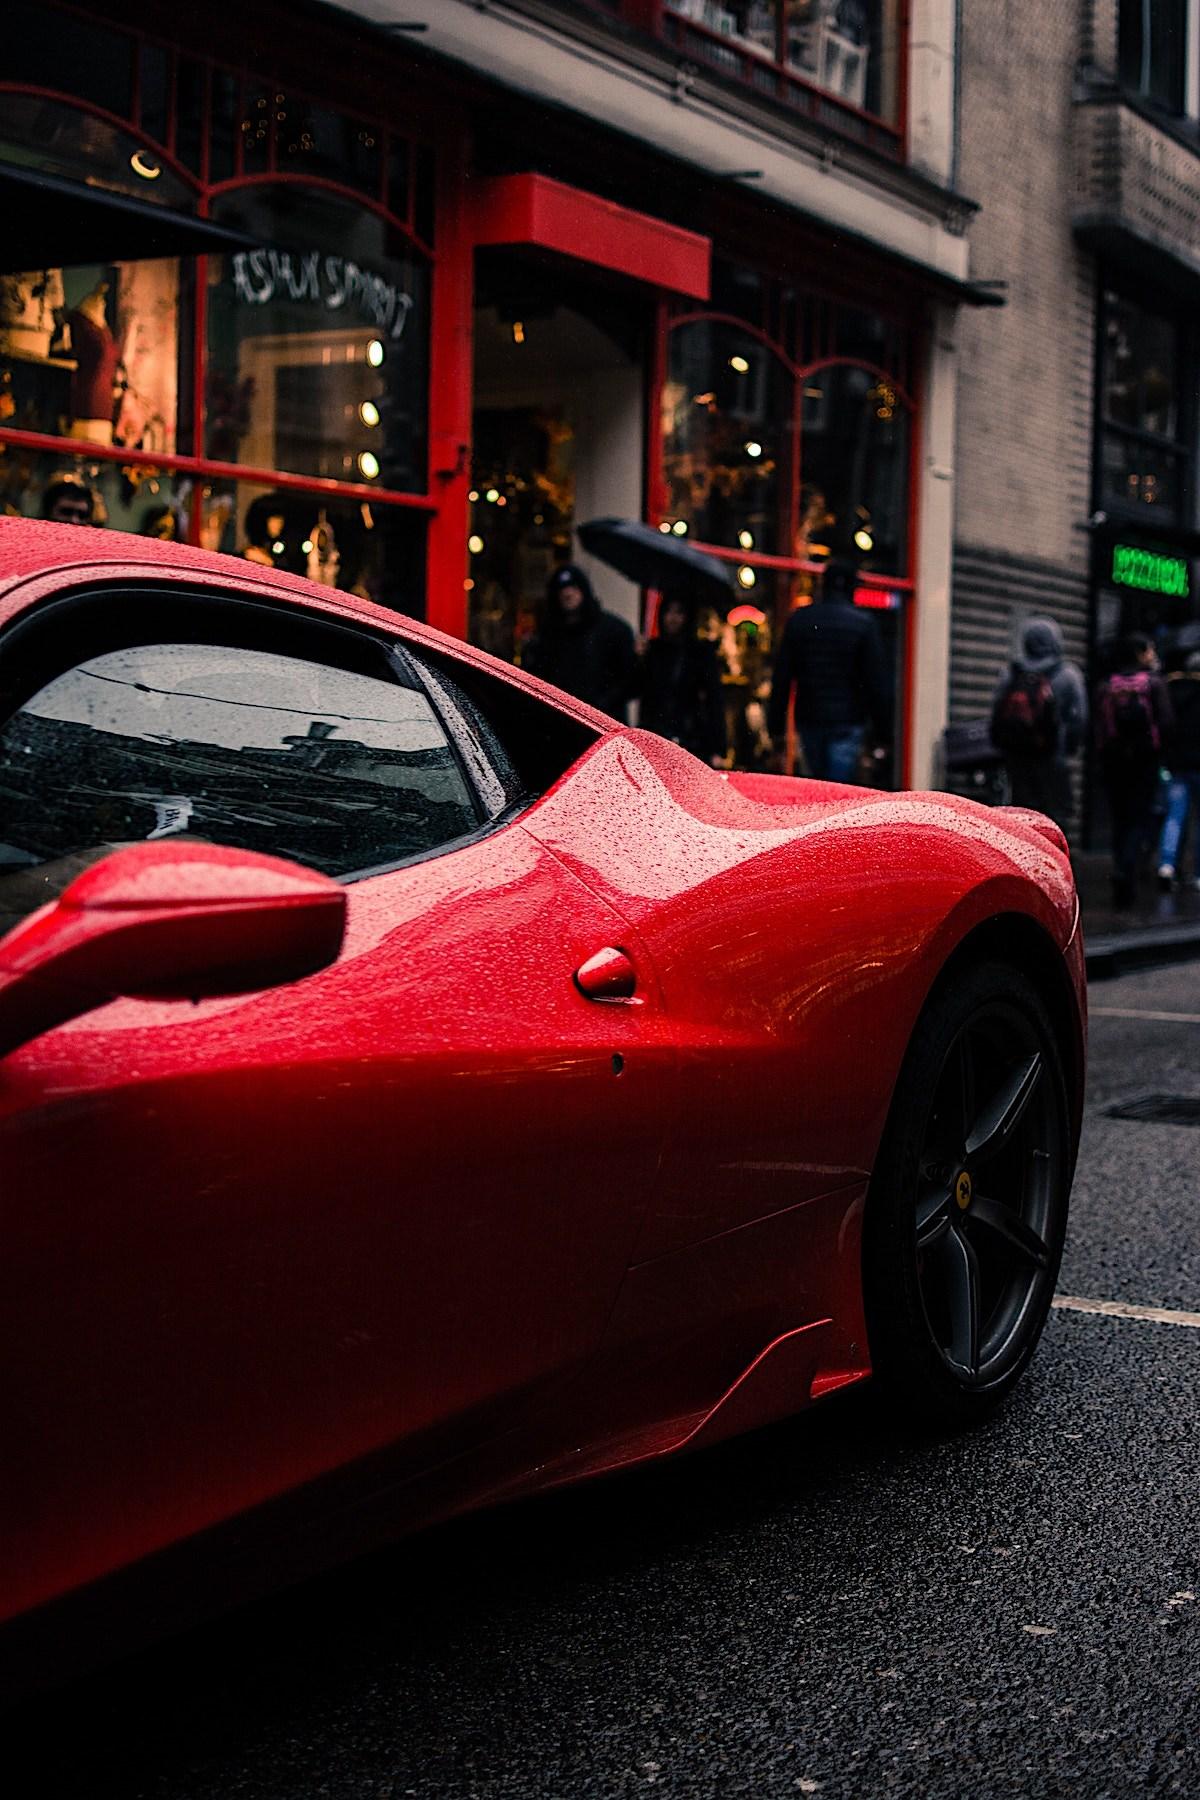 Red Ferarri